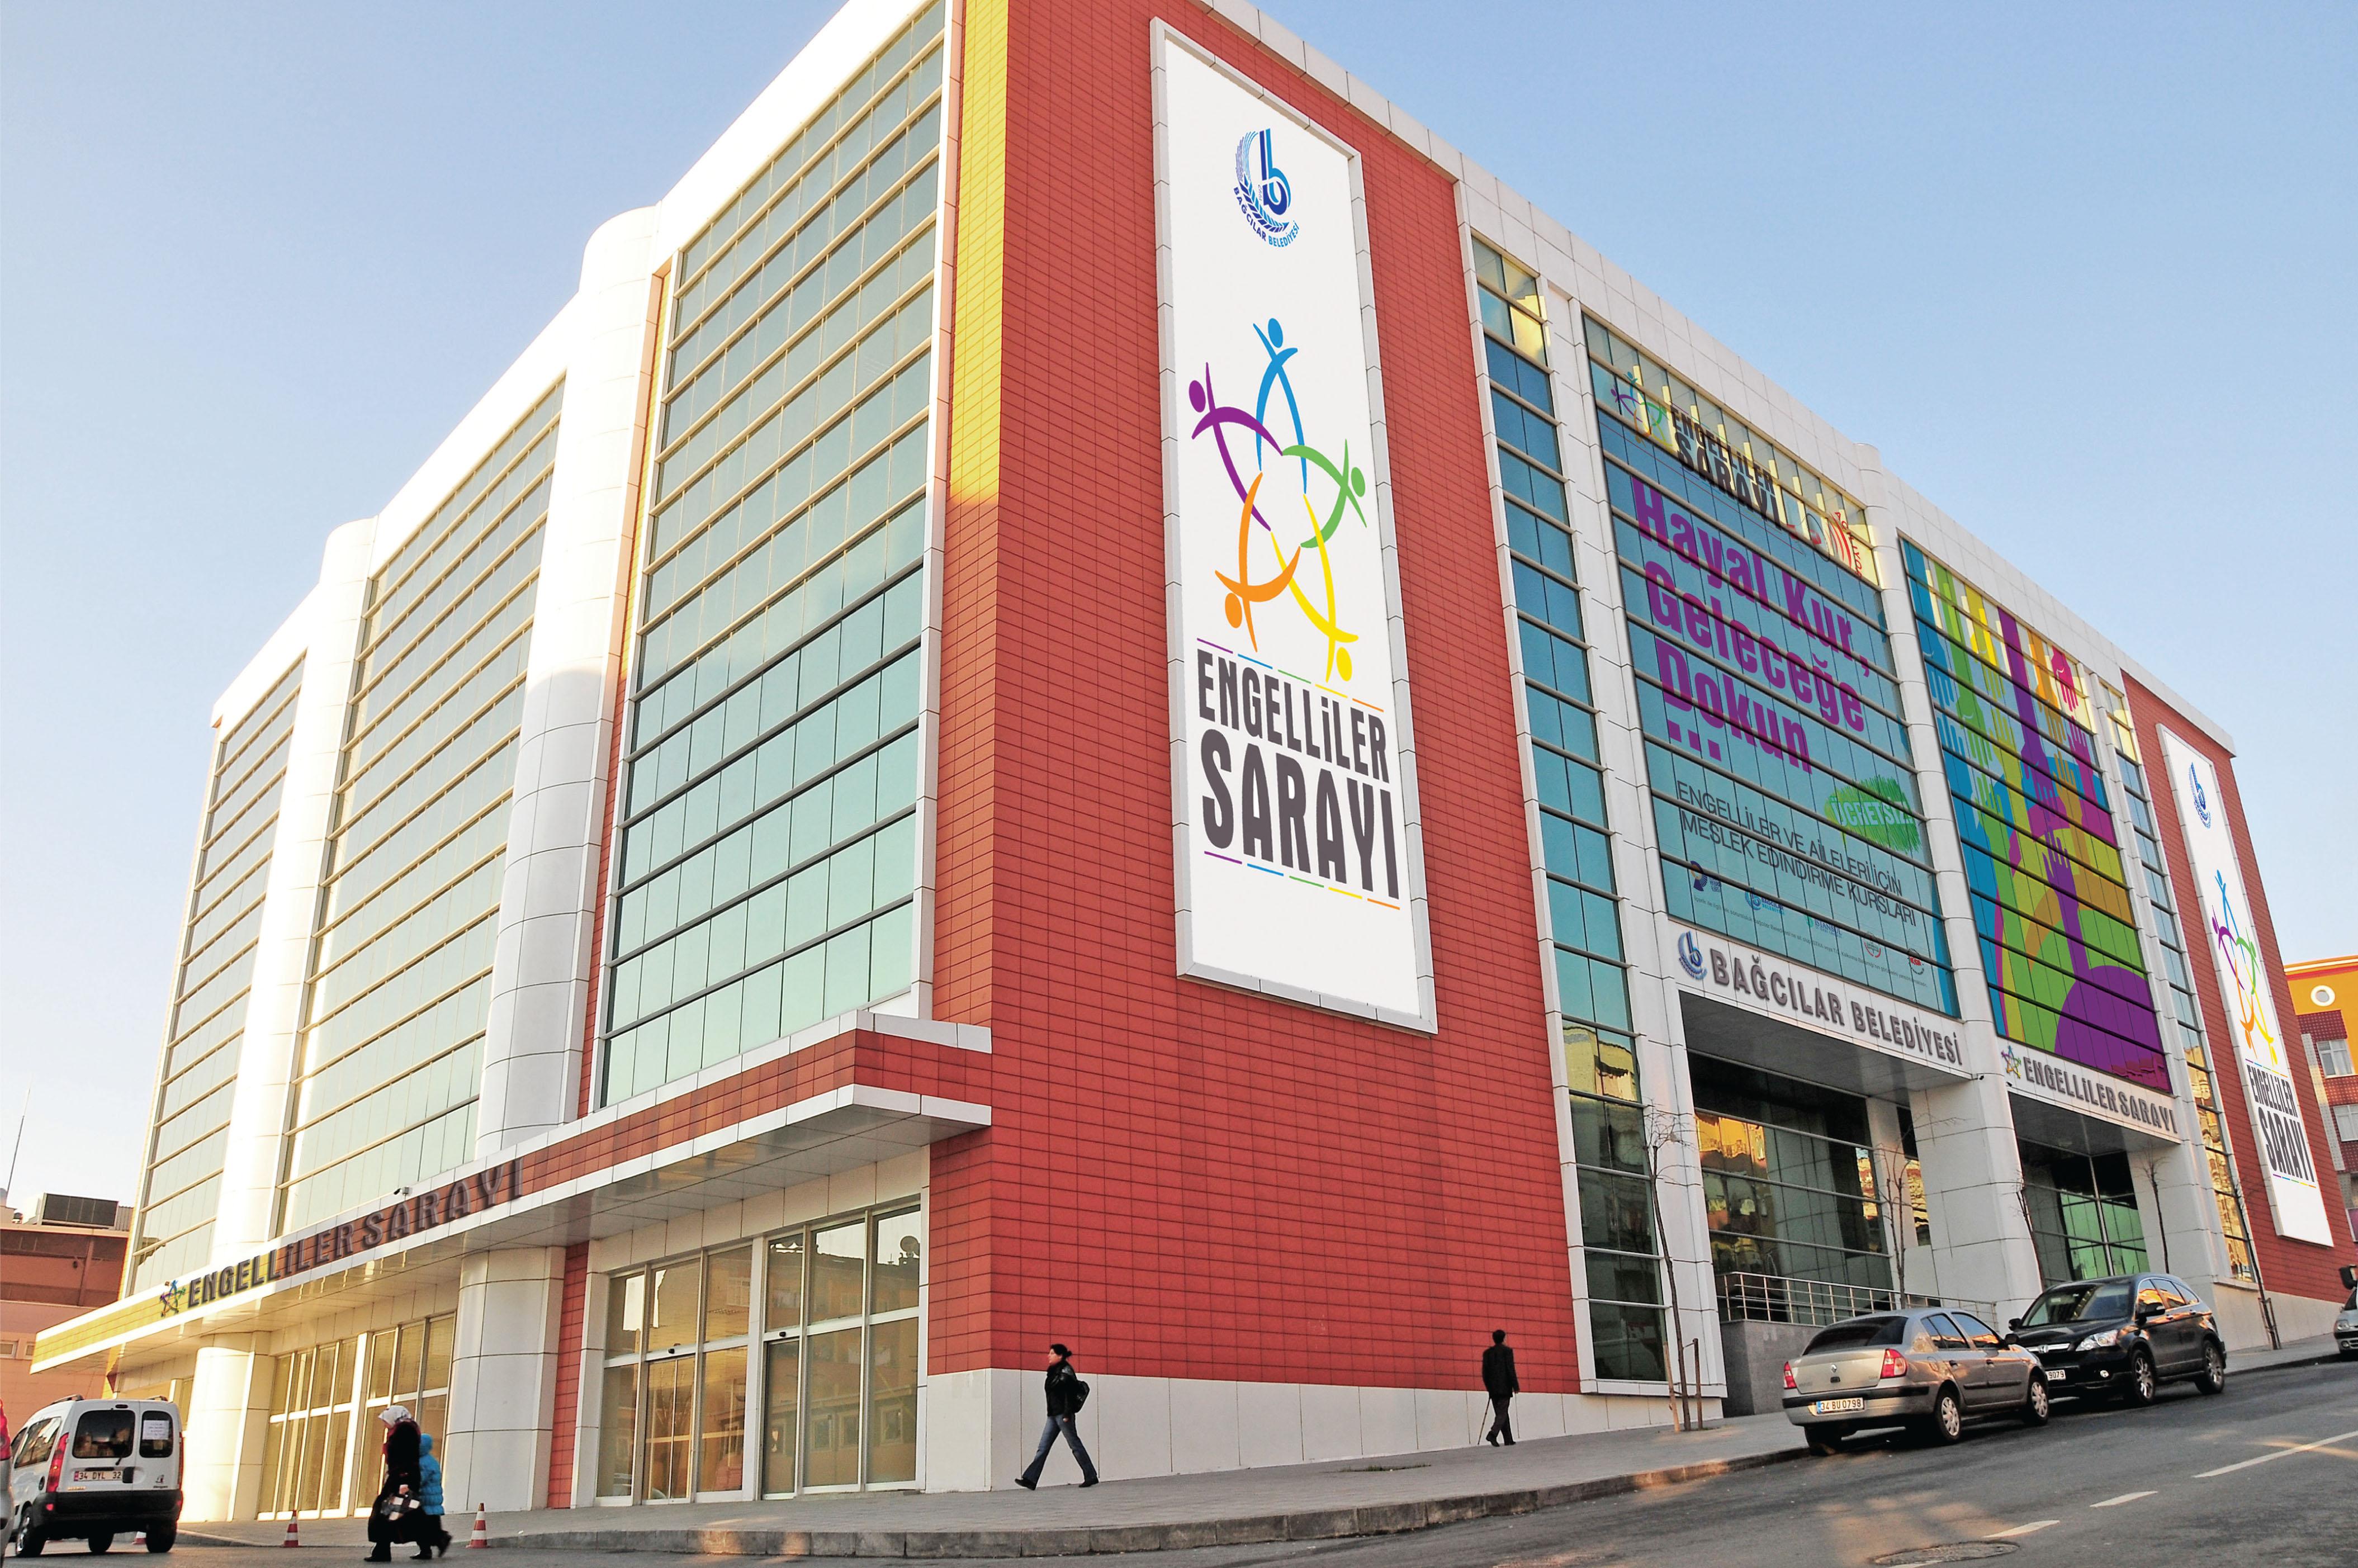 bagcilar-belediyesi-engelliler-sarayi